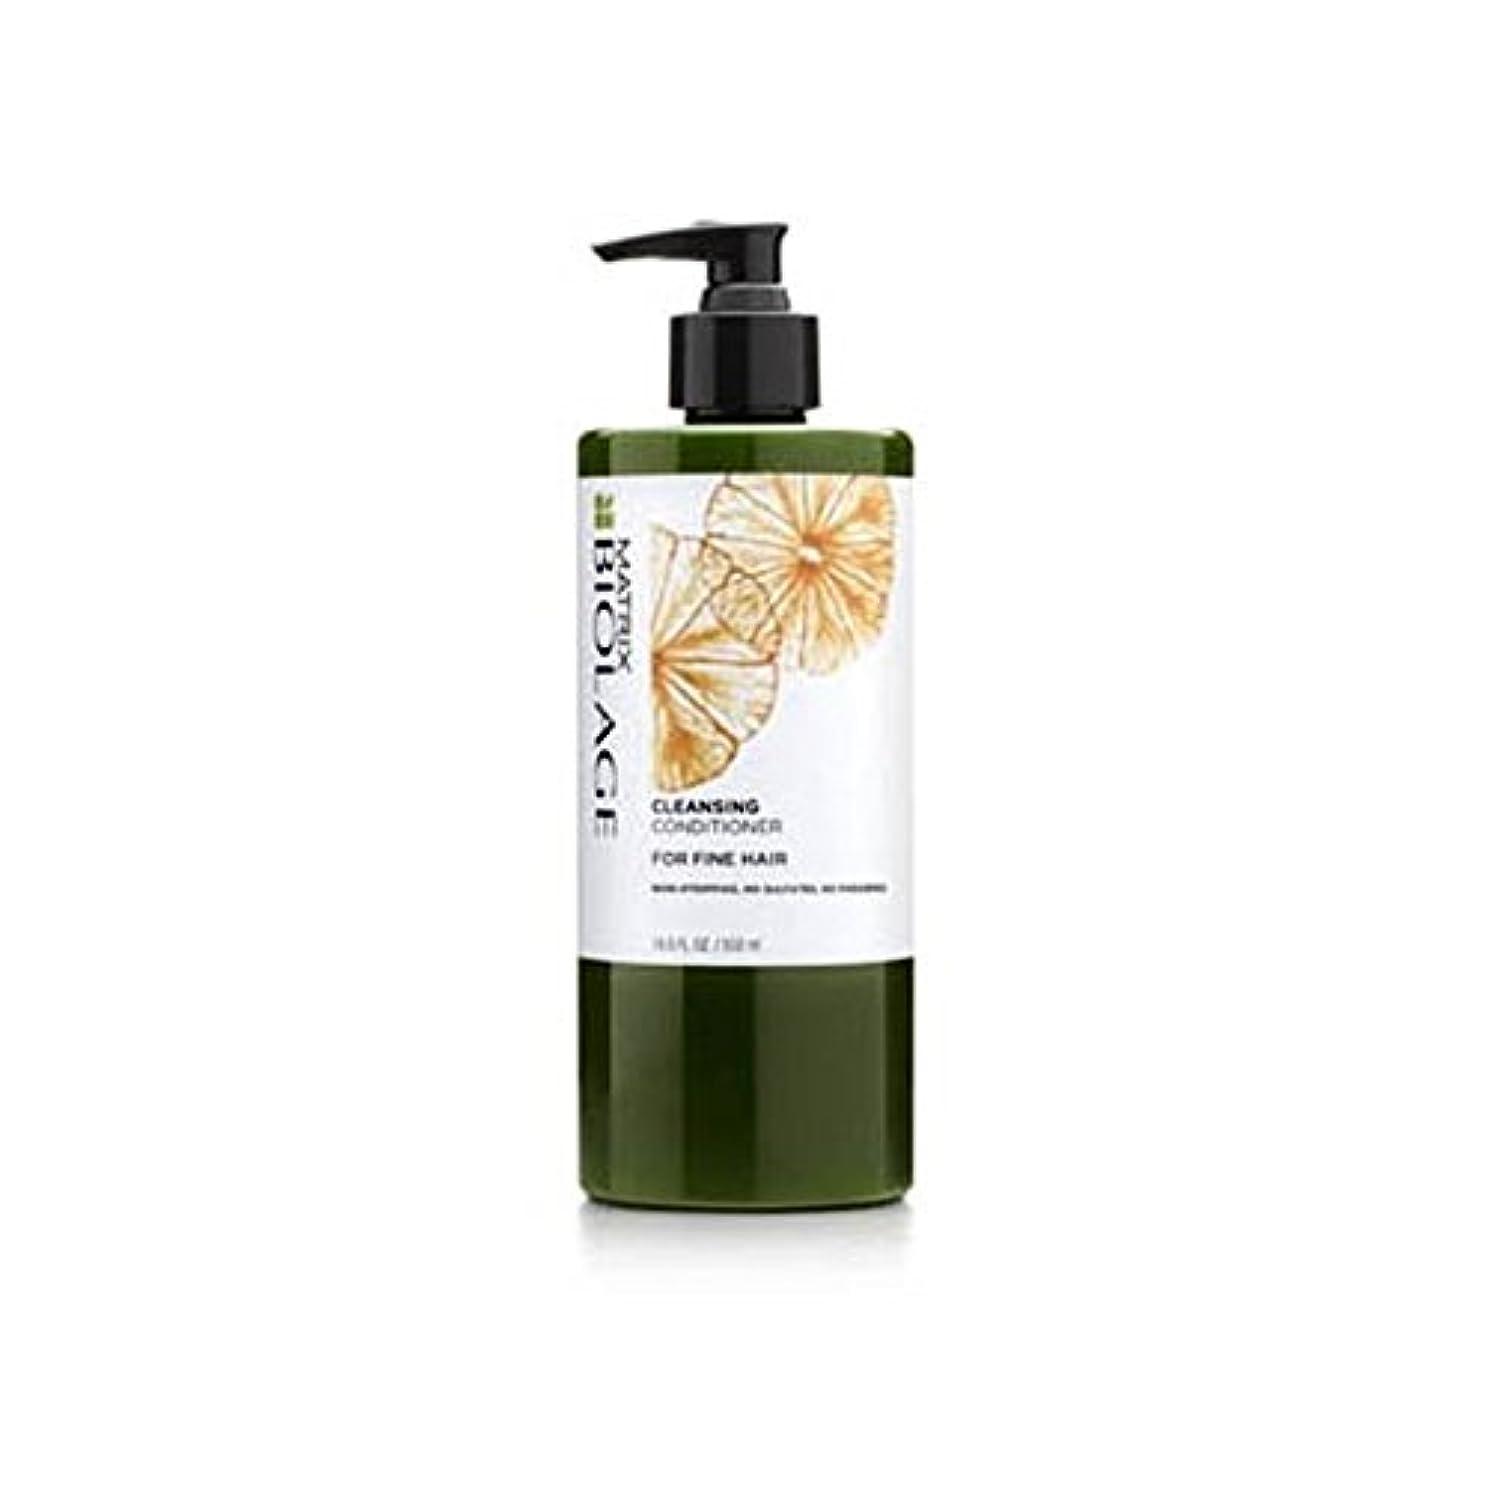 恋人拳不適マトリックスバイオレイジクレンジングコンディショナー - 細い髪(500ミリリットル) x2 - Matrix Biolage Cleansing Conditioner - Fine Hair (500ml) (Pack...